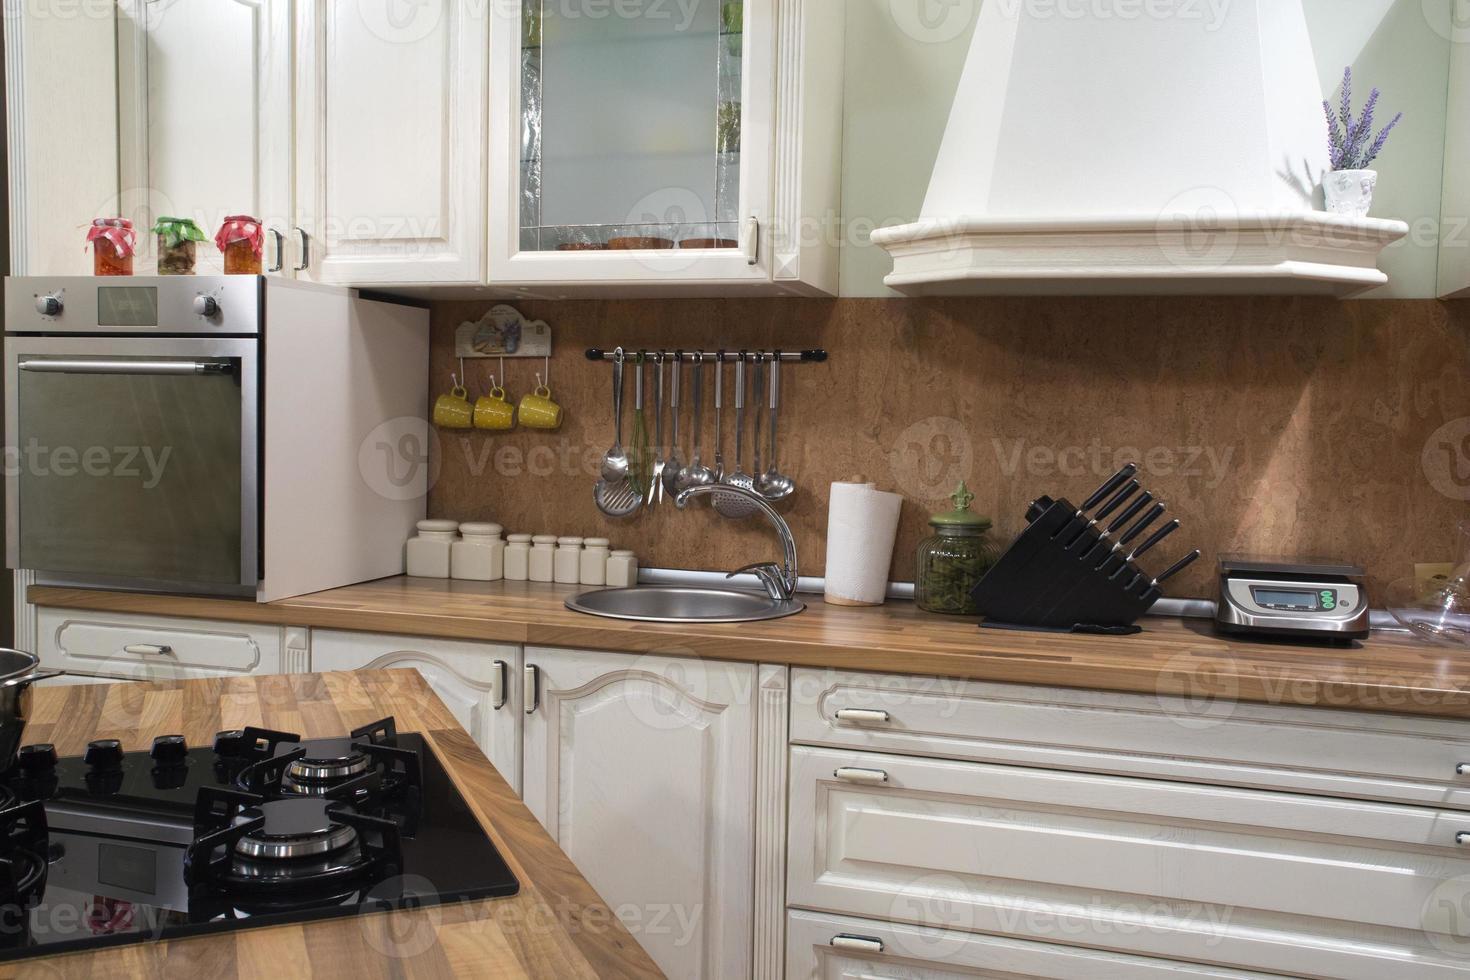 Küchenausstattung. foto